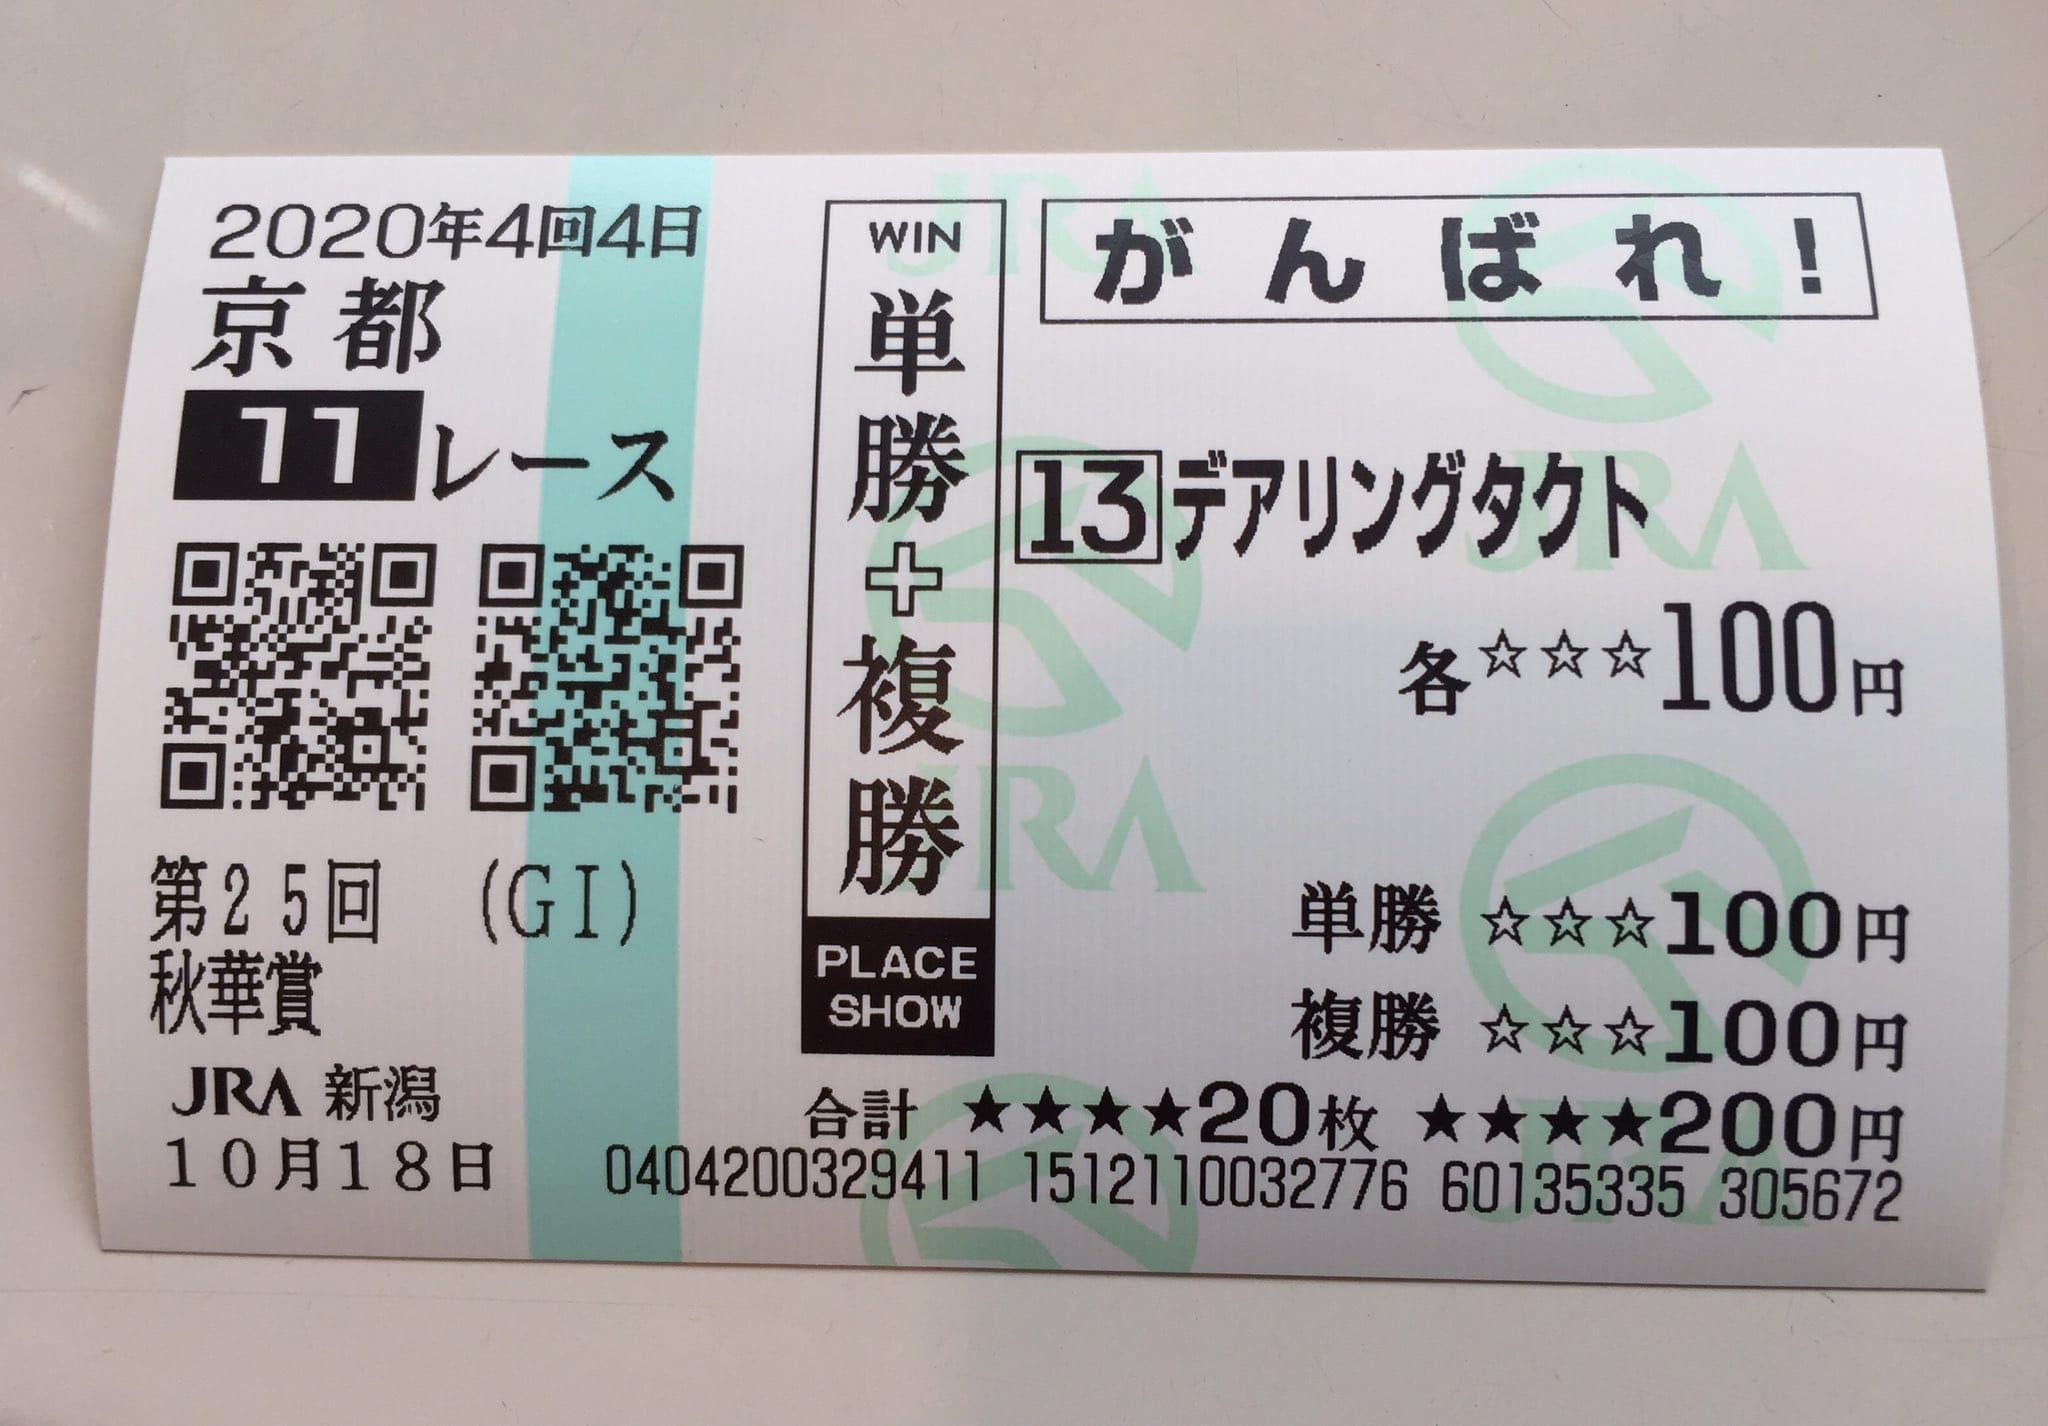 京都競馬 応援馬券